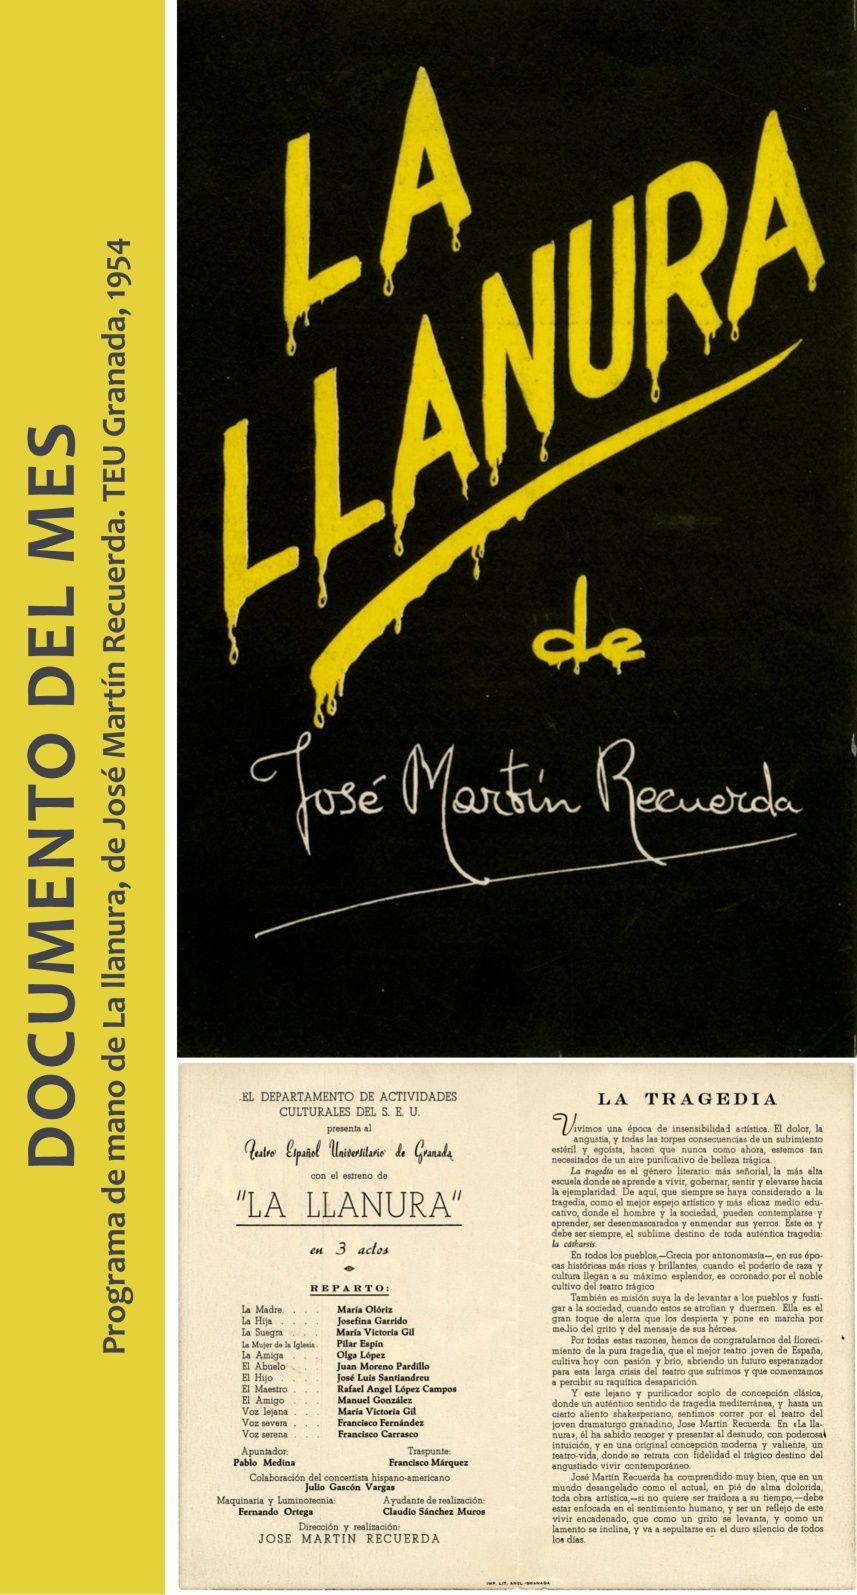 Programa de mano de La llanura, de José Martín Recuerda. TEU Granada, 1954